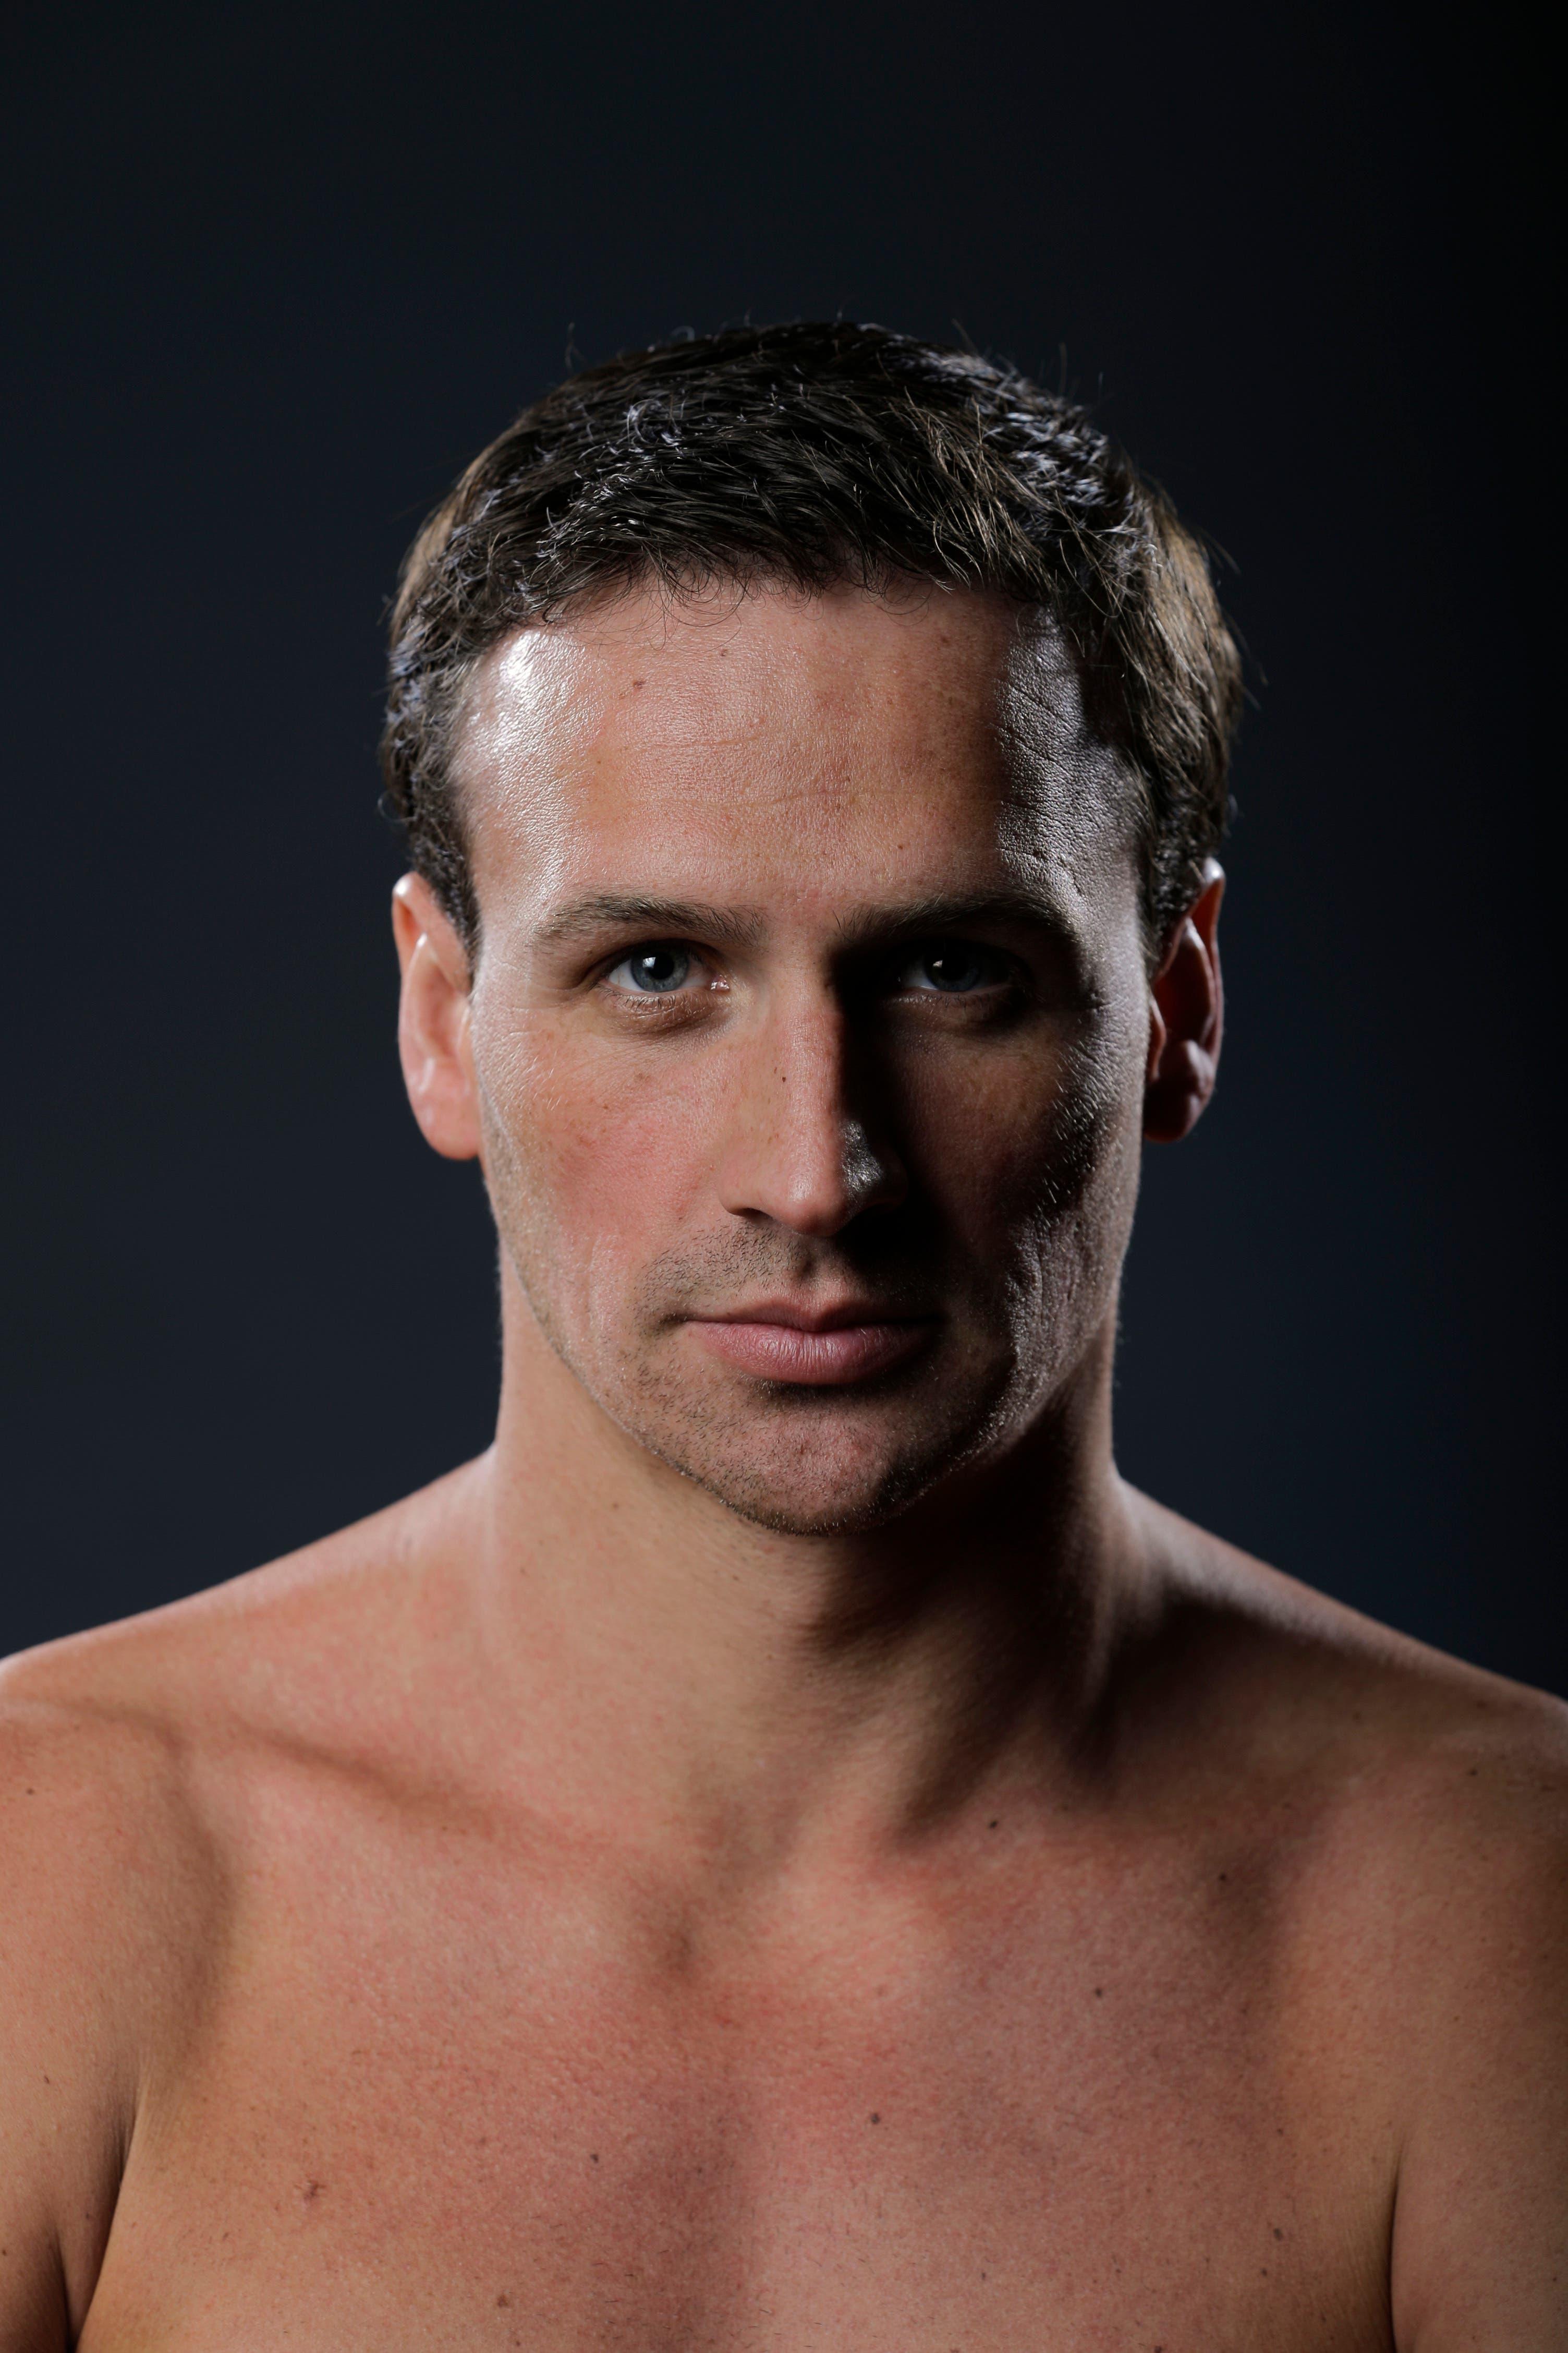 Ryan Lochte, Schwimmweltmeister: «Ich schätze, zwischen 70 und 75 Prozent der Olympioniken haben bei den Spielen Sex. Manchmal muss man einfach.»